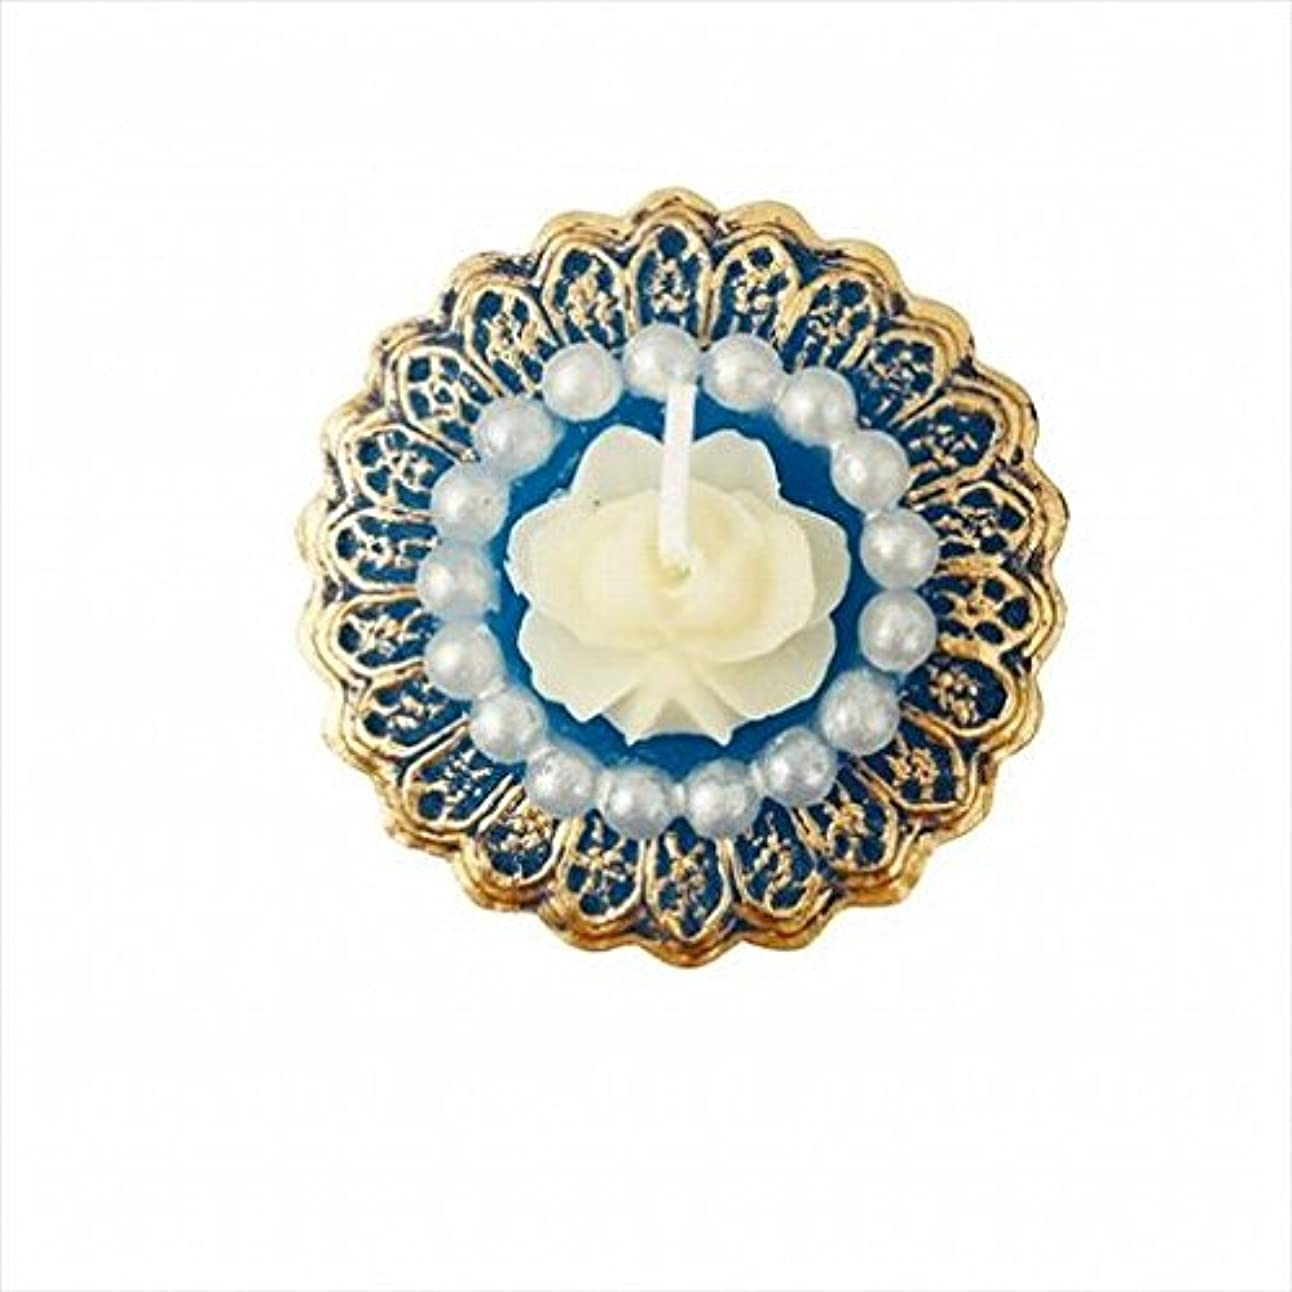 変装した契約したラブkameyama candle(カメヤマキャンドル) アンティークジュエリー 「 ブルーローズシェル 」 キャンドル 48x48x24mm (A4380020)